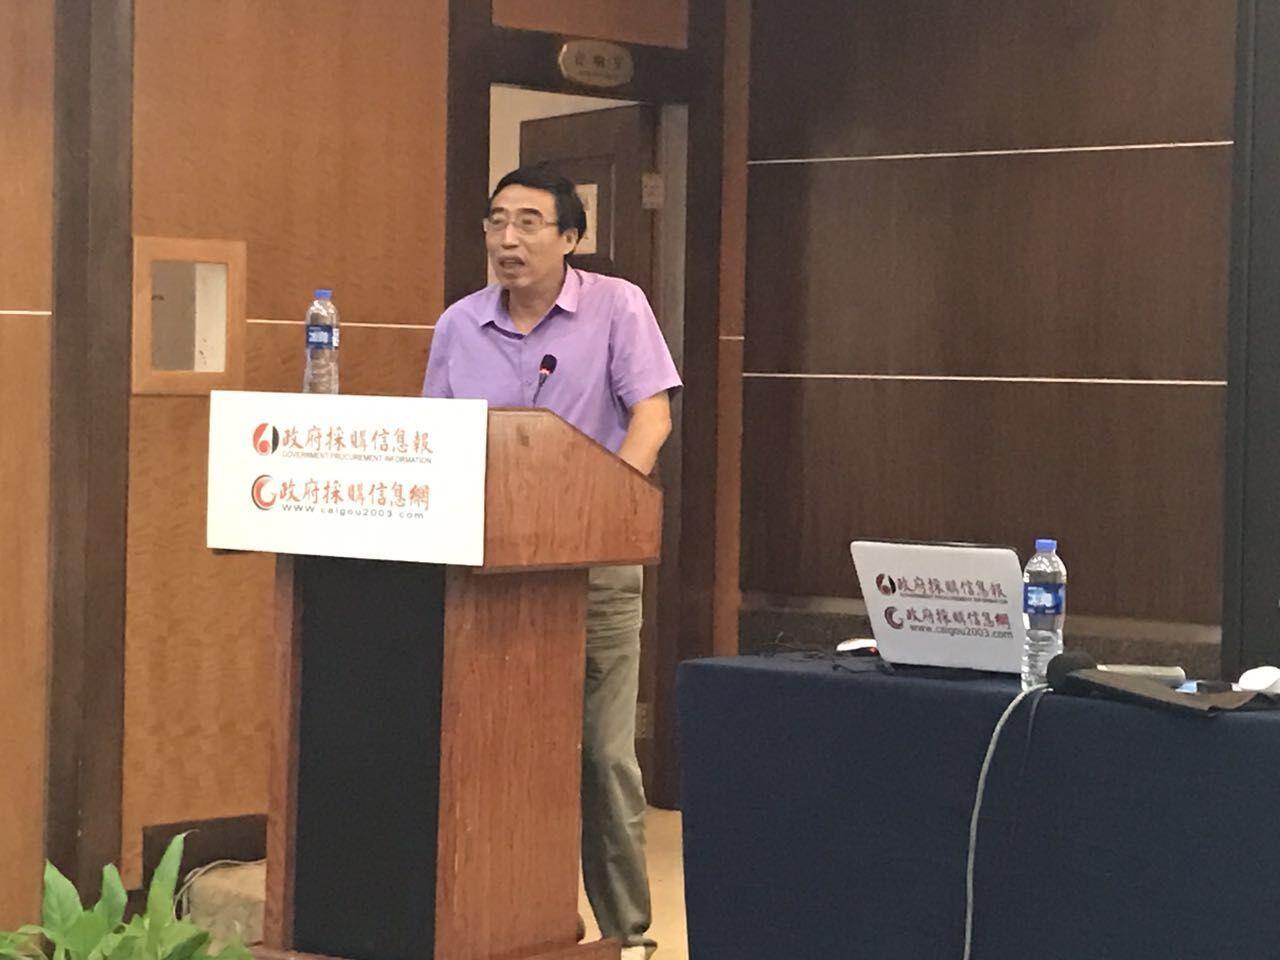 兴安盟财政局副调研员吕振春出席开班仪式并做开班动员